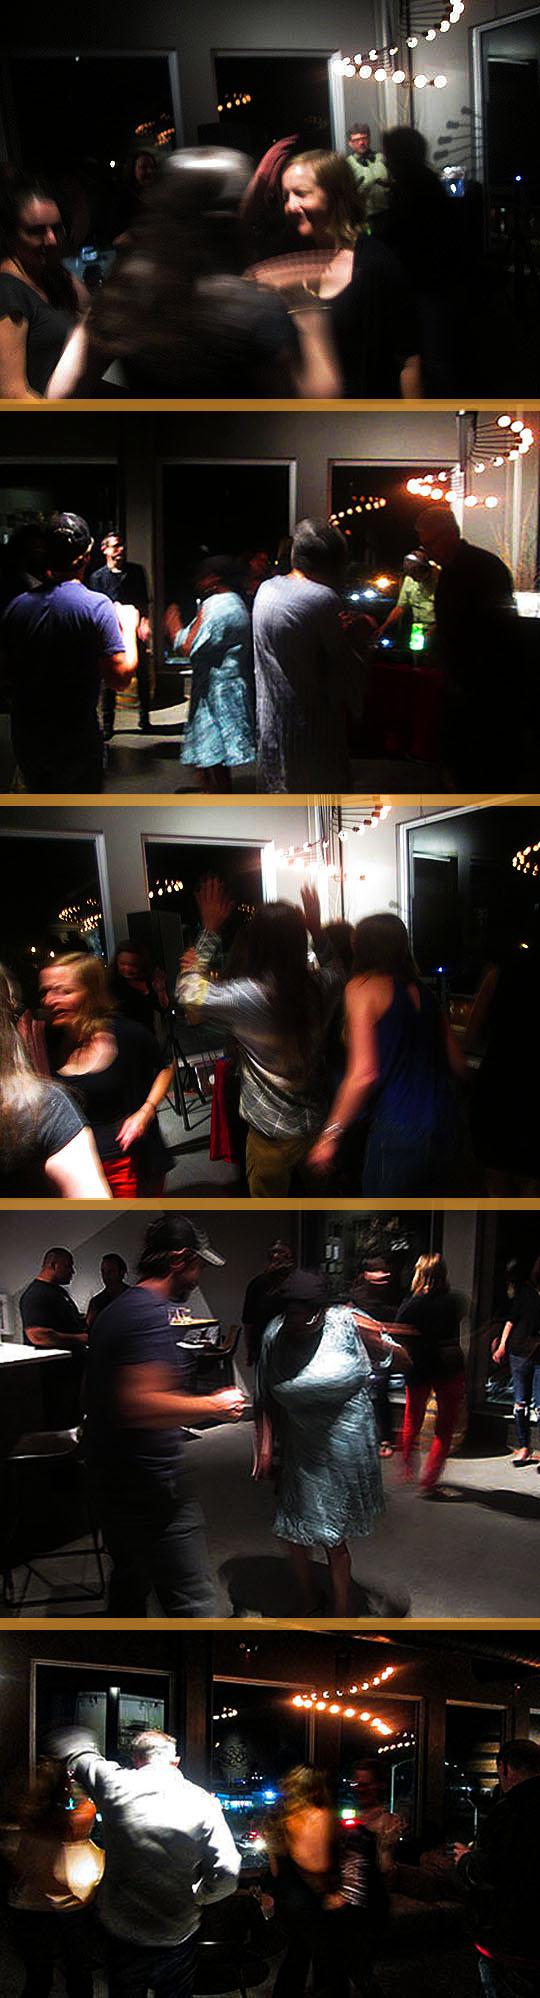 11. dancing_6-26-19.jpg